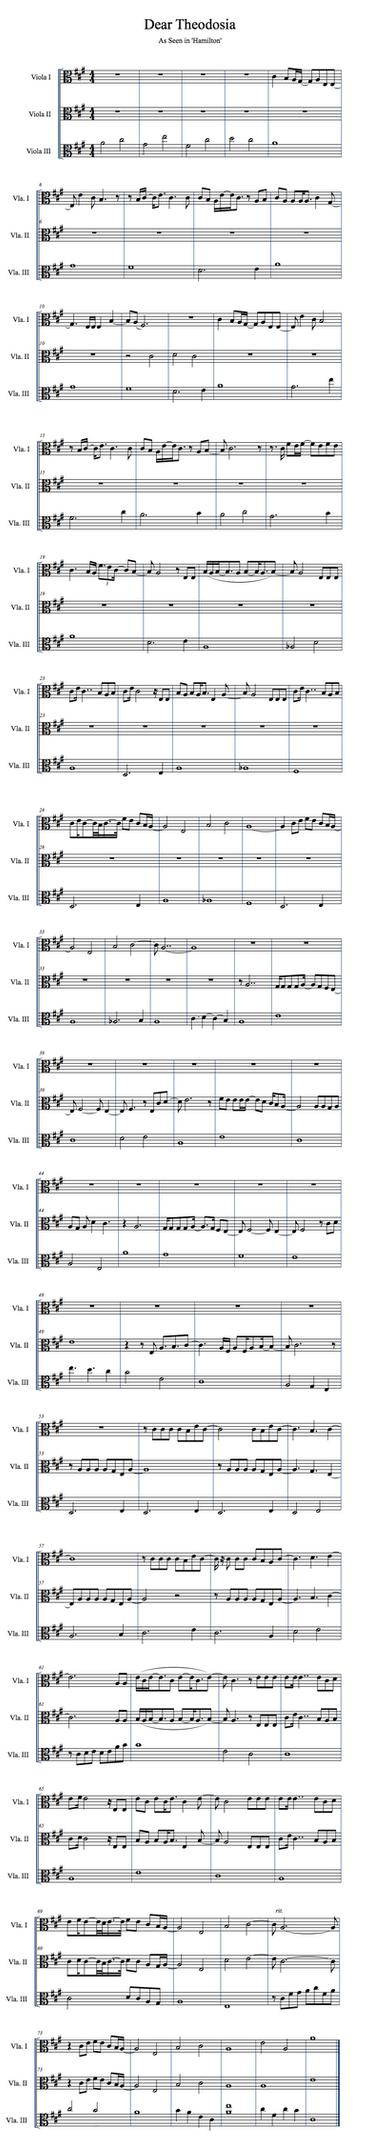 Hamilton   Dear Theodosia   Viola Trio by valdesu